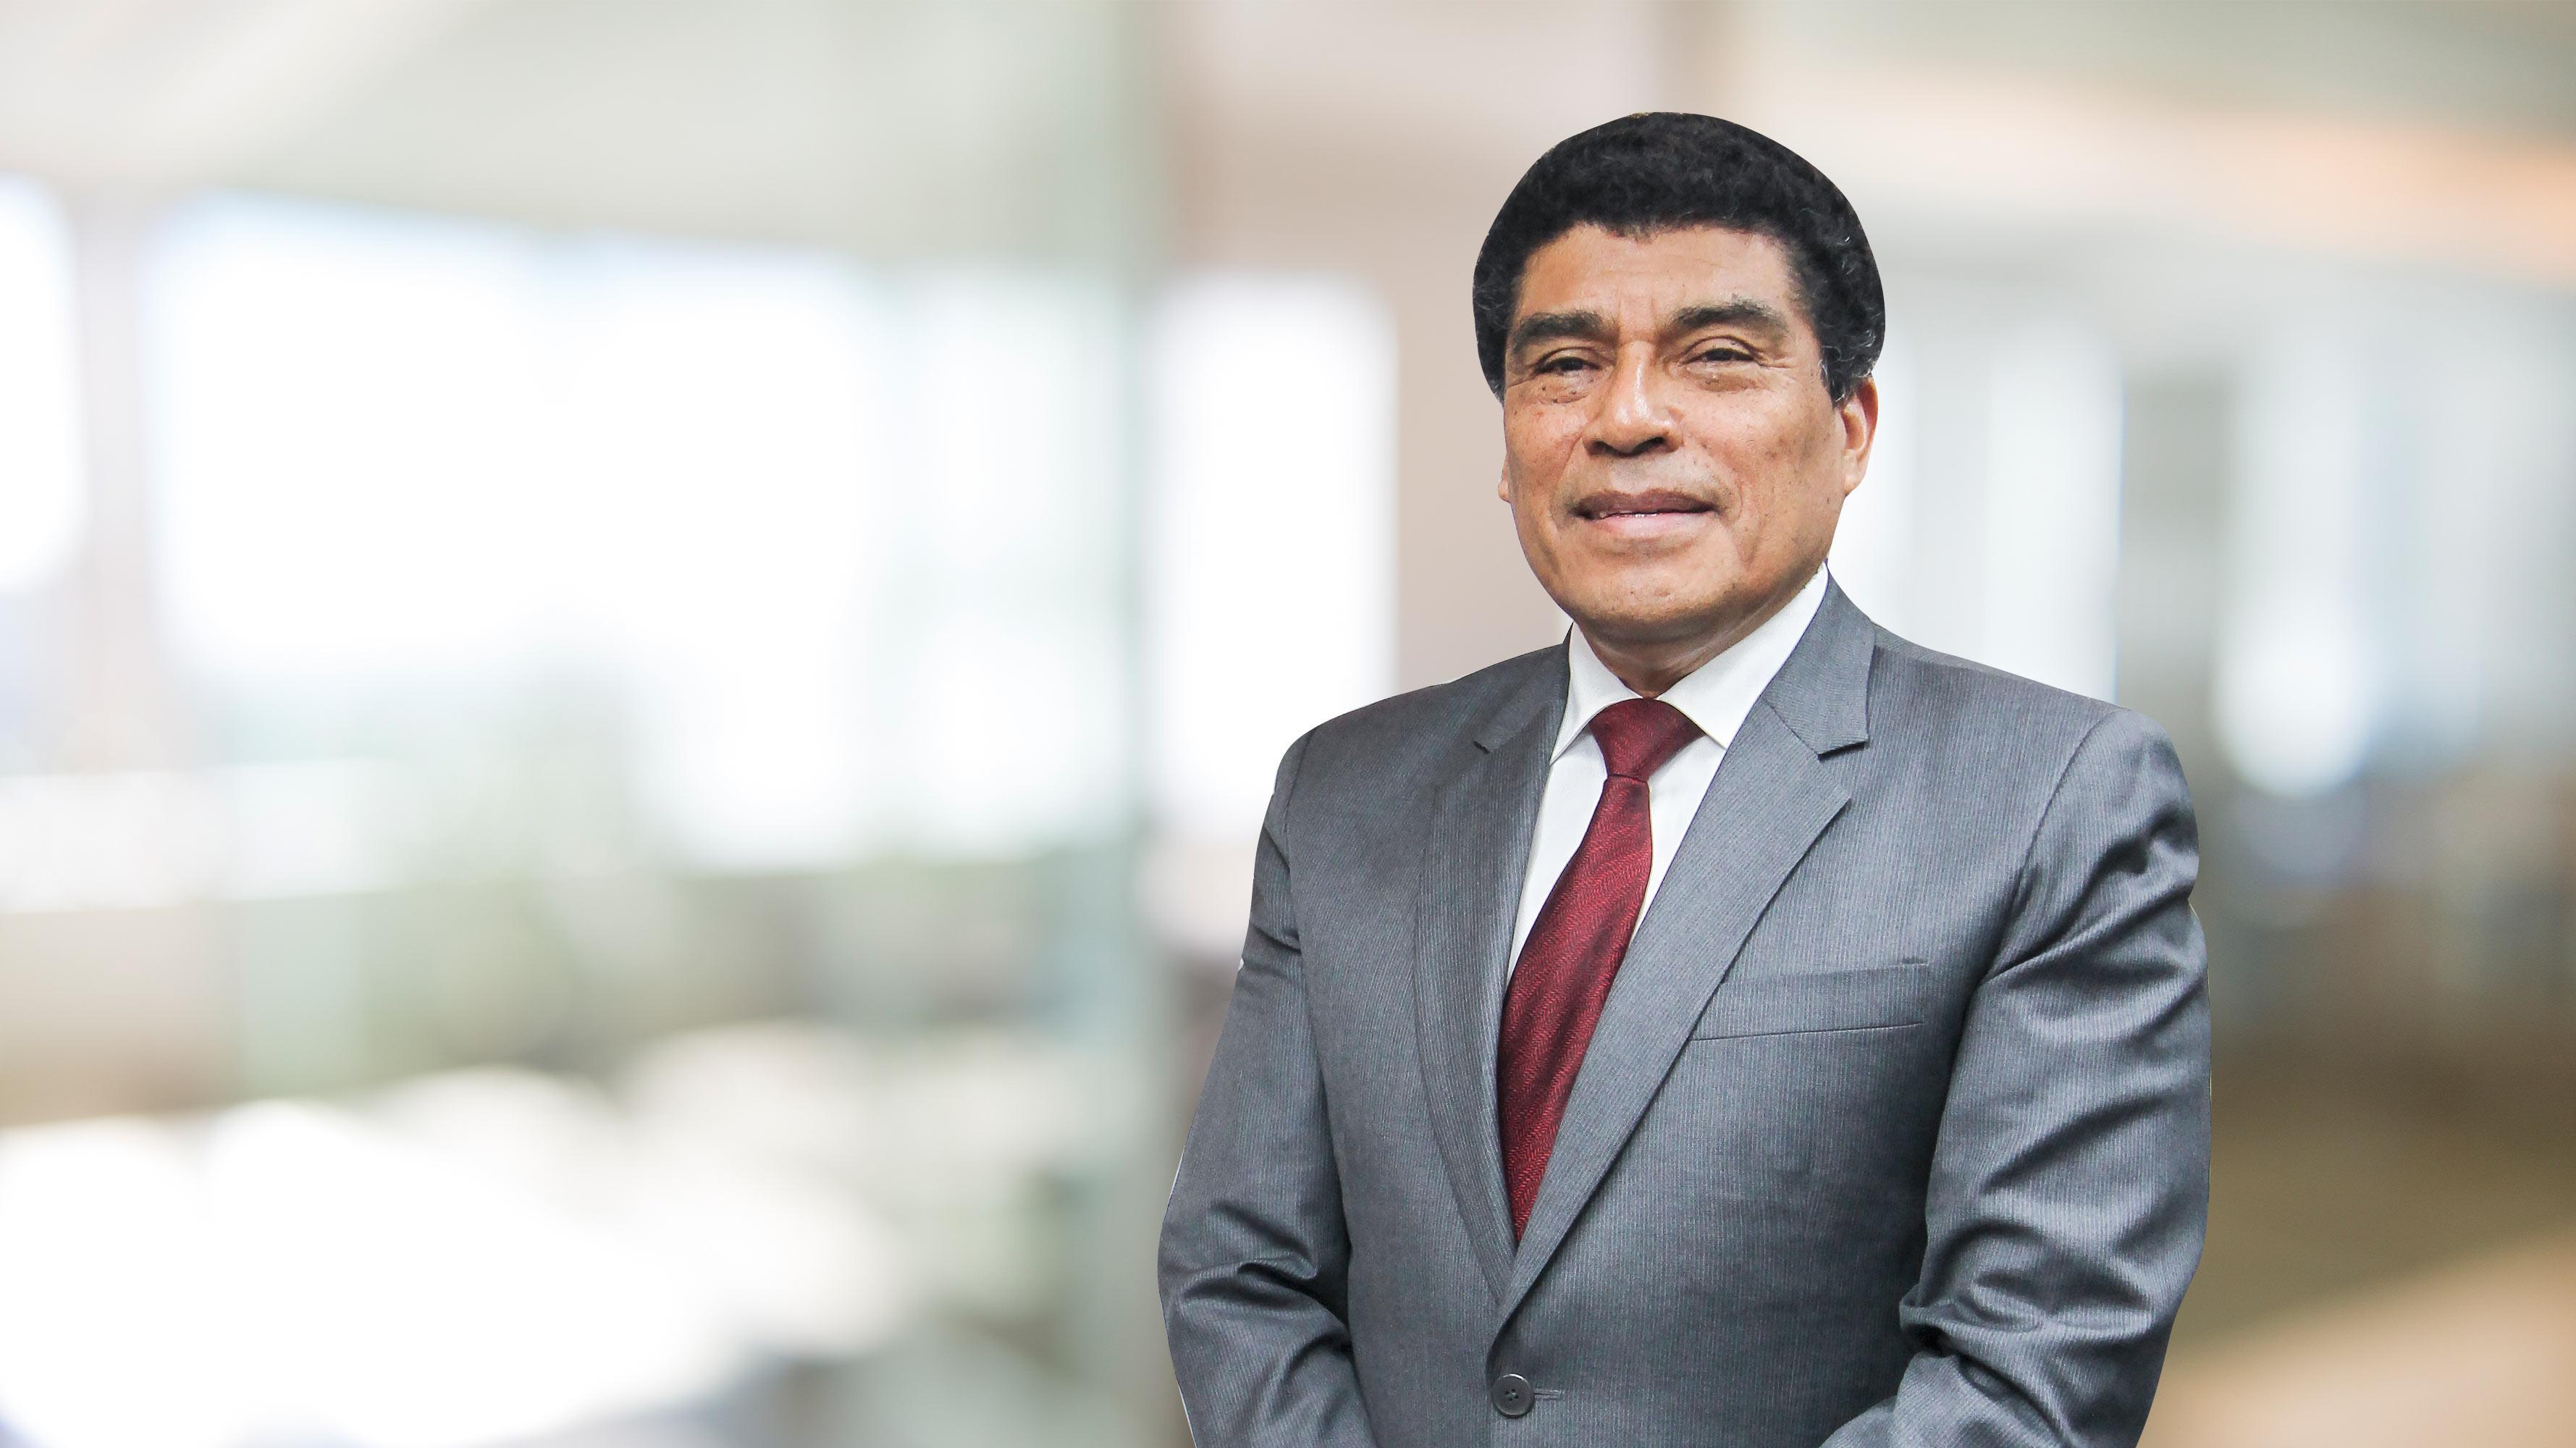 """Perupetro: """"Es bueno que Petroperú empiece a aparecer como operador, pero asociado a empresas con capacidad técnica y financiera"""""""